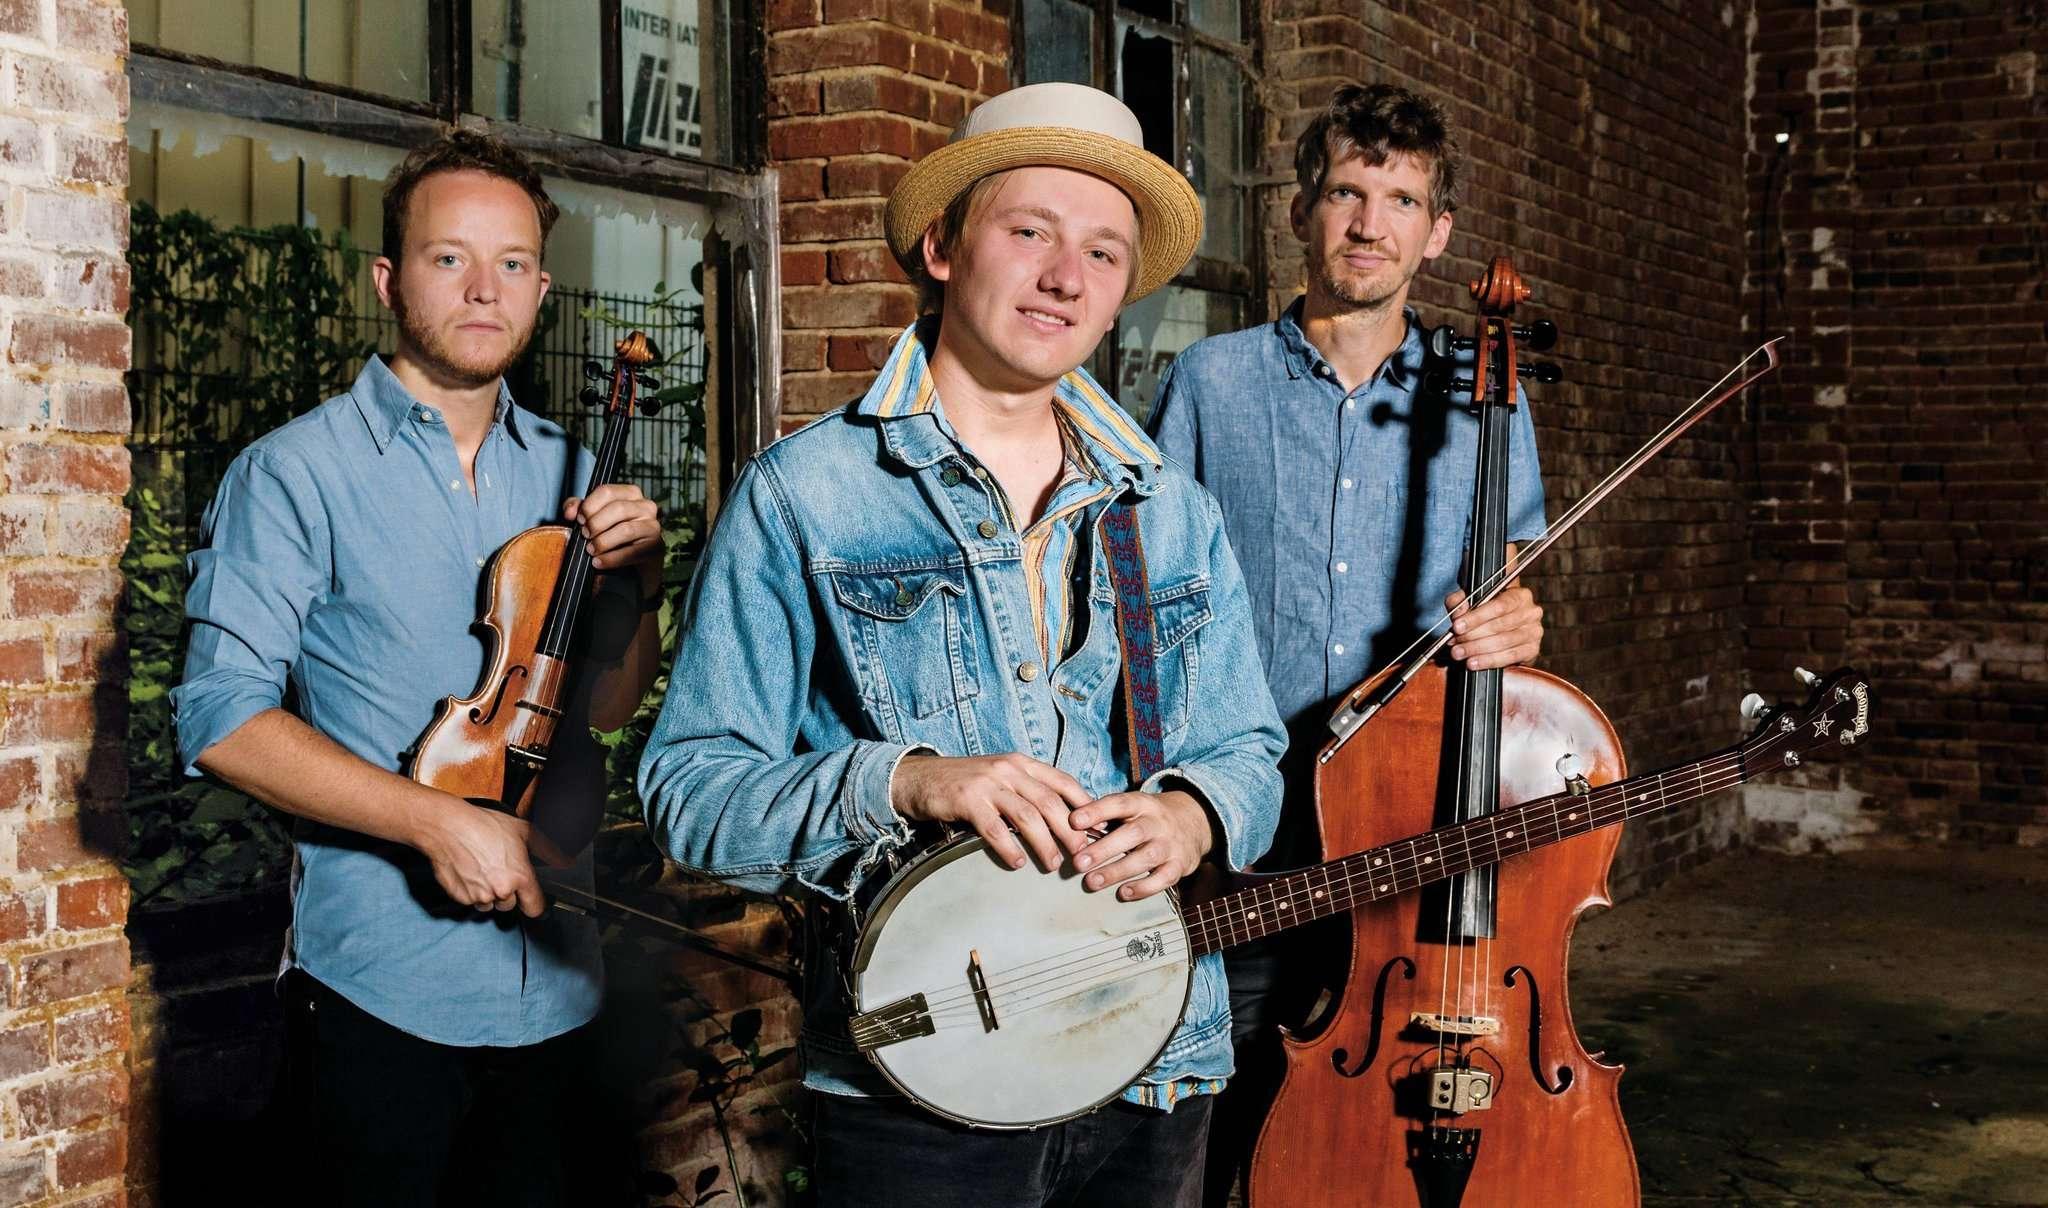 Das David-Lübke-Trio präsentiert mitreißende Folk-Hymnen im Wechsel mit sehr persönlichen Songs.